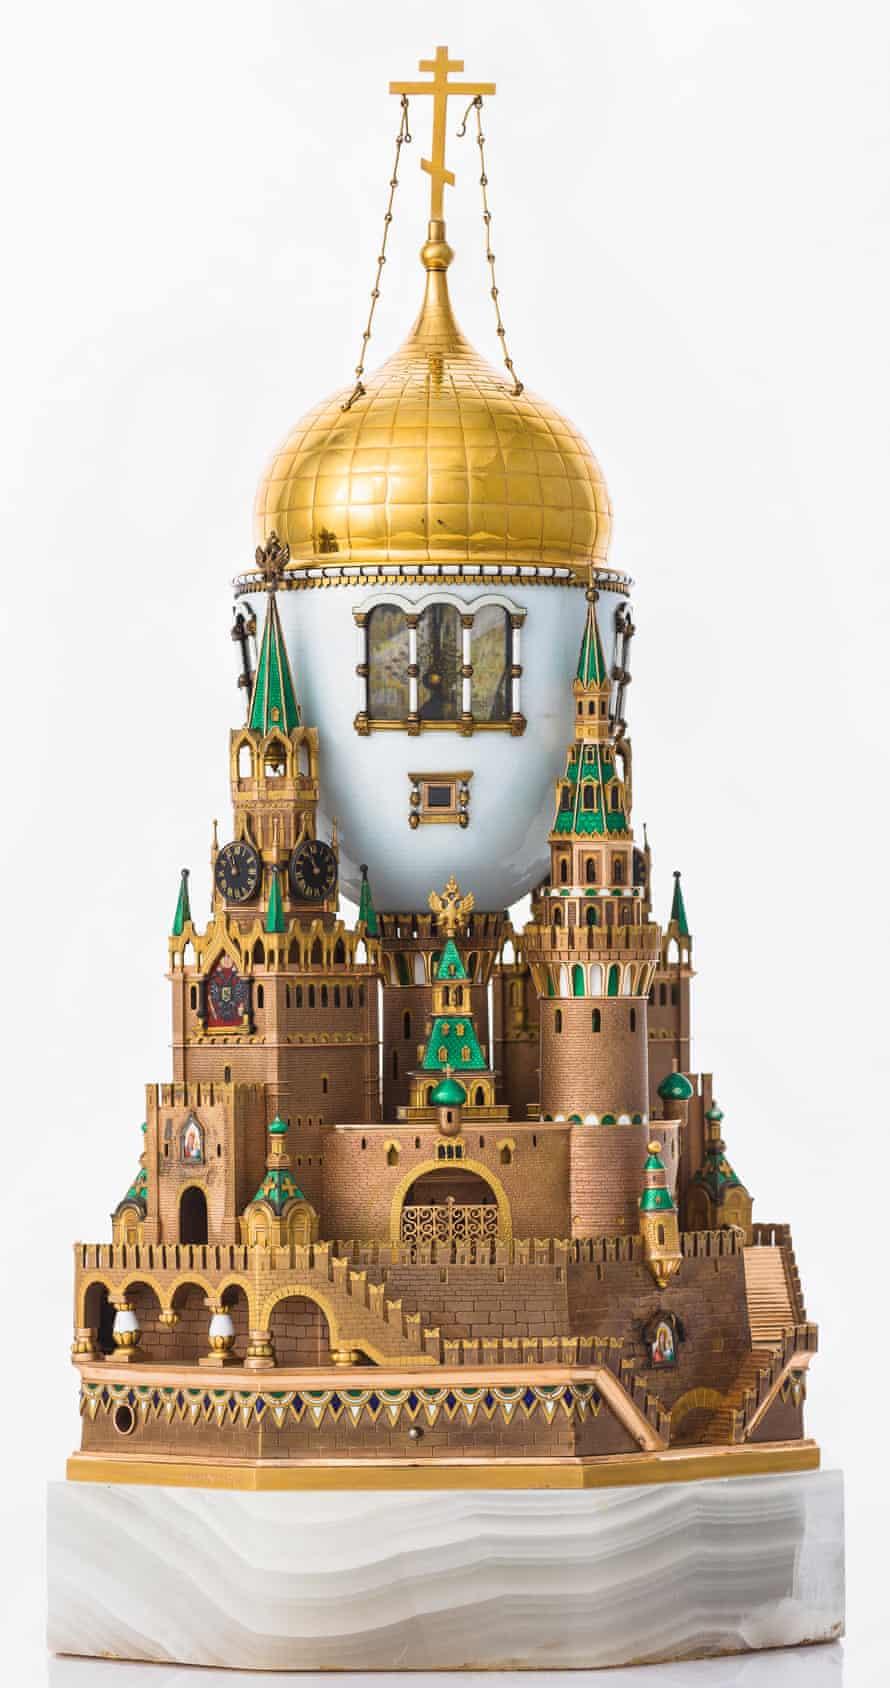 تخم مرغ کرملین مسکو ، Fabergé.  طلا ، نقره ، عقیق ، مینا ، 1906.